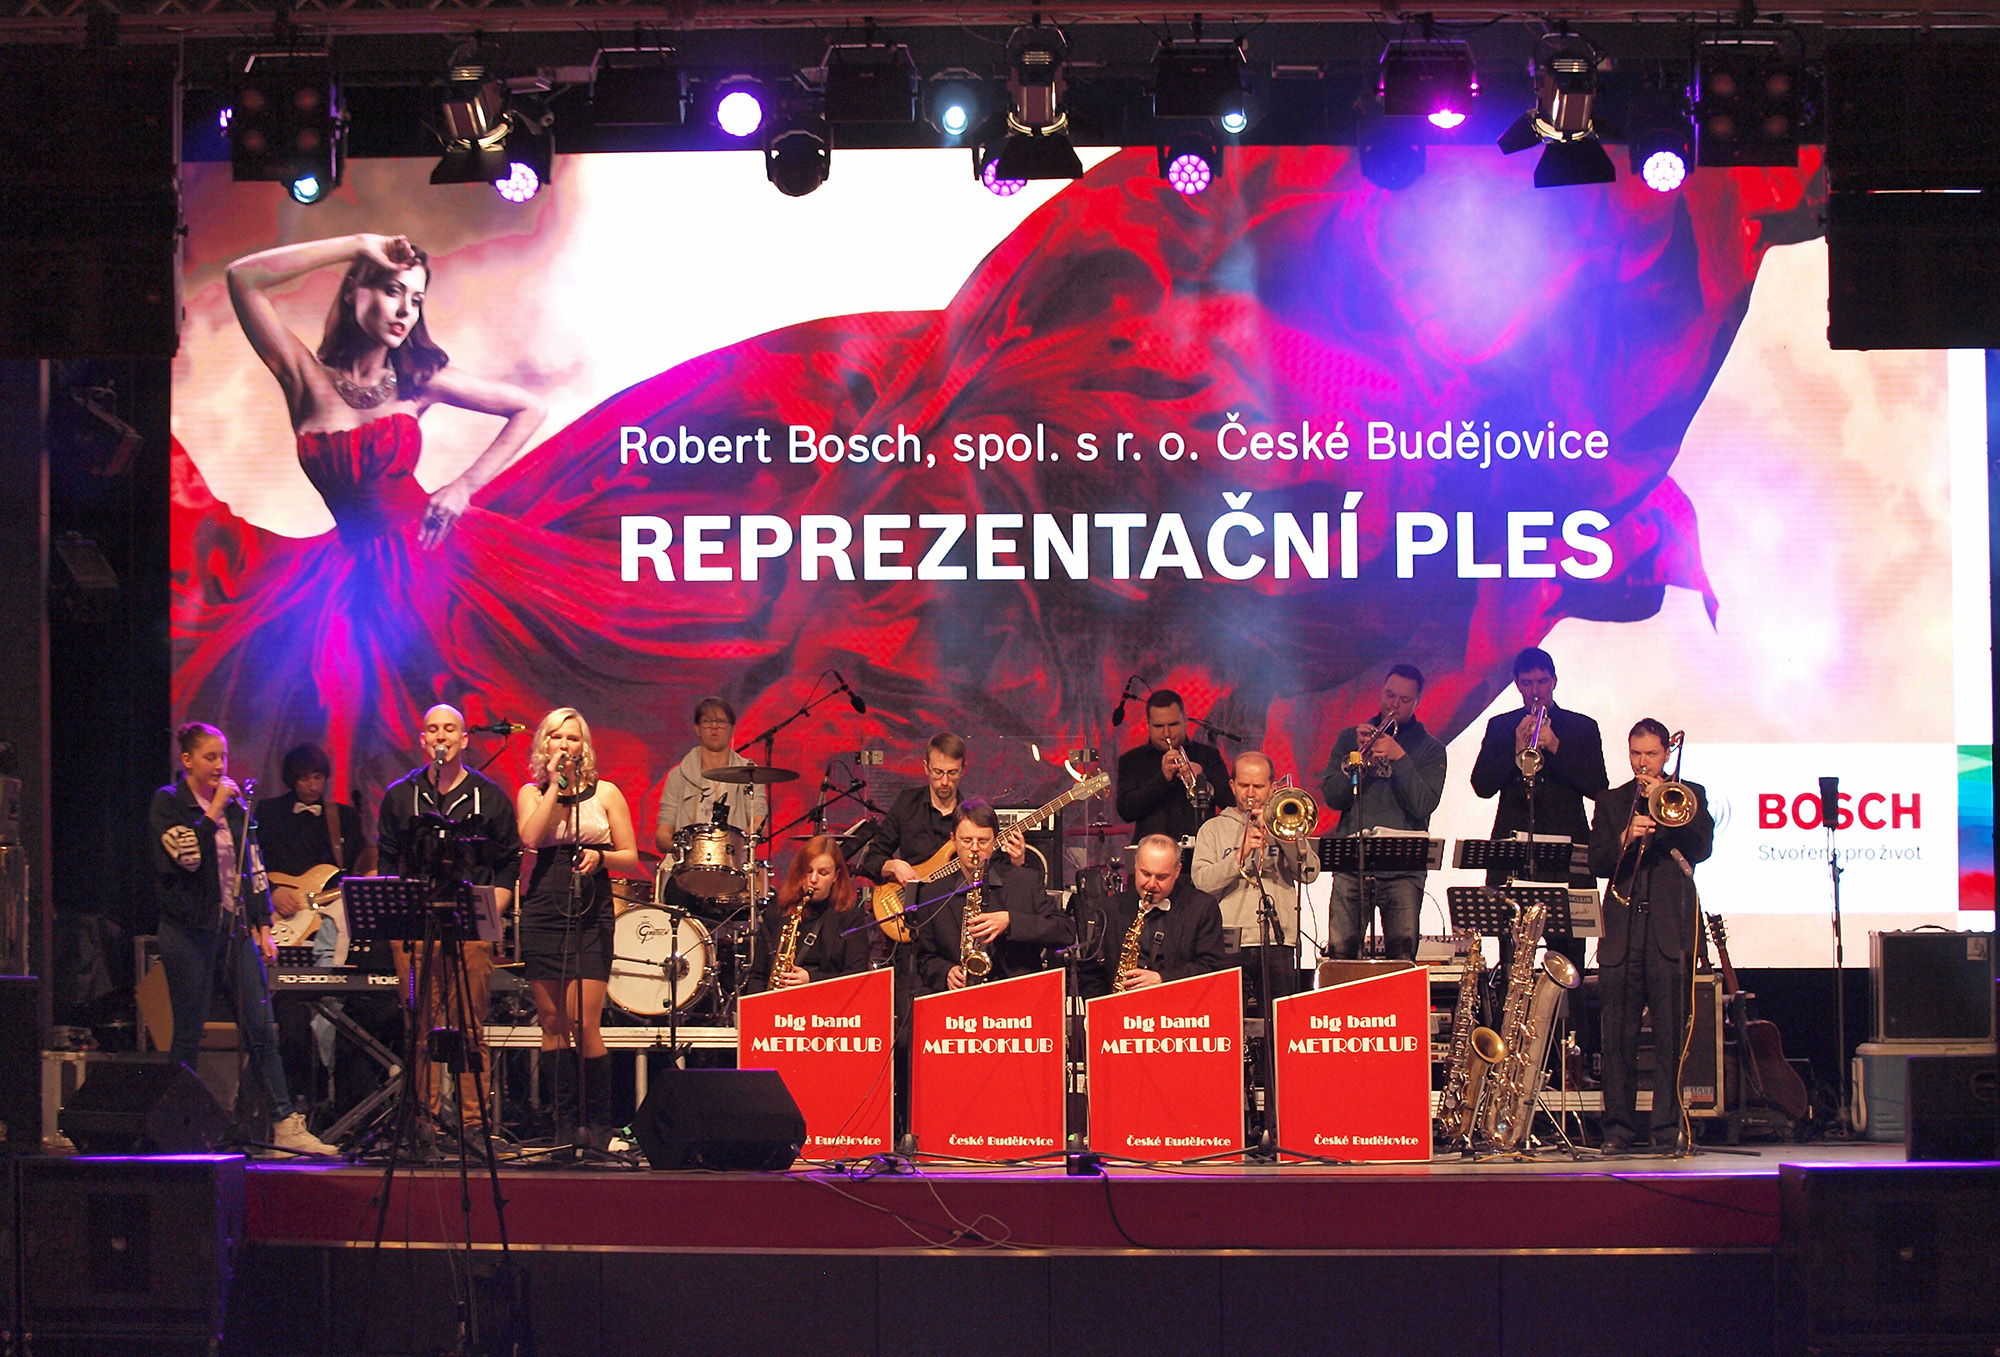 Robert Bosch v Českých Budějovicích uspořádal již 14. ročník reprezentačního plesu.